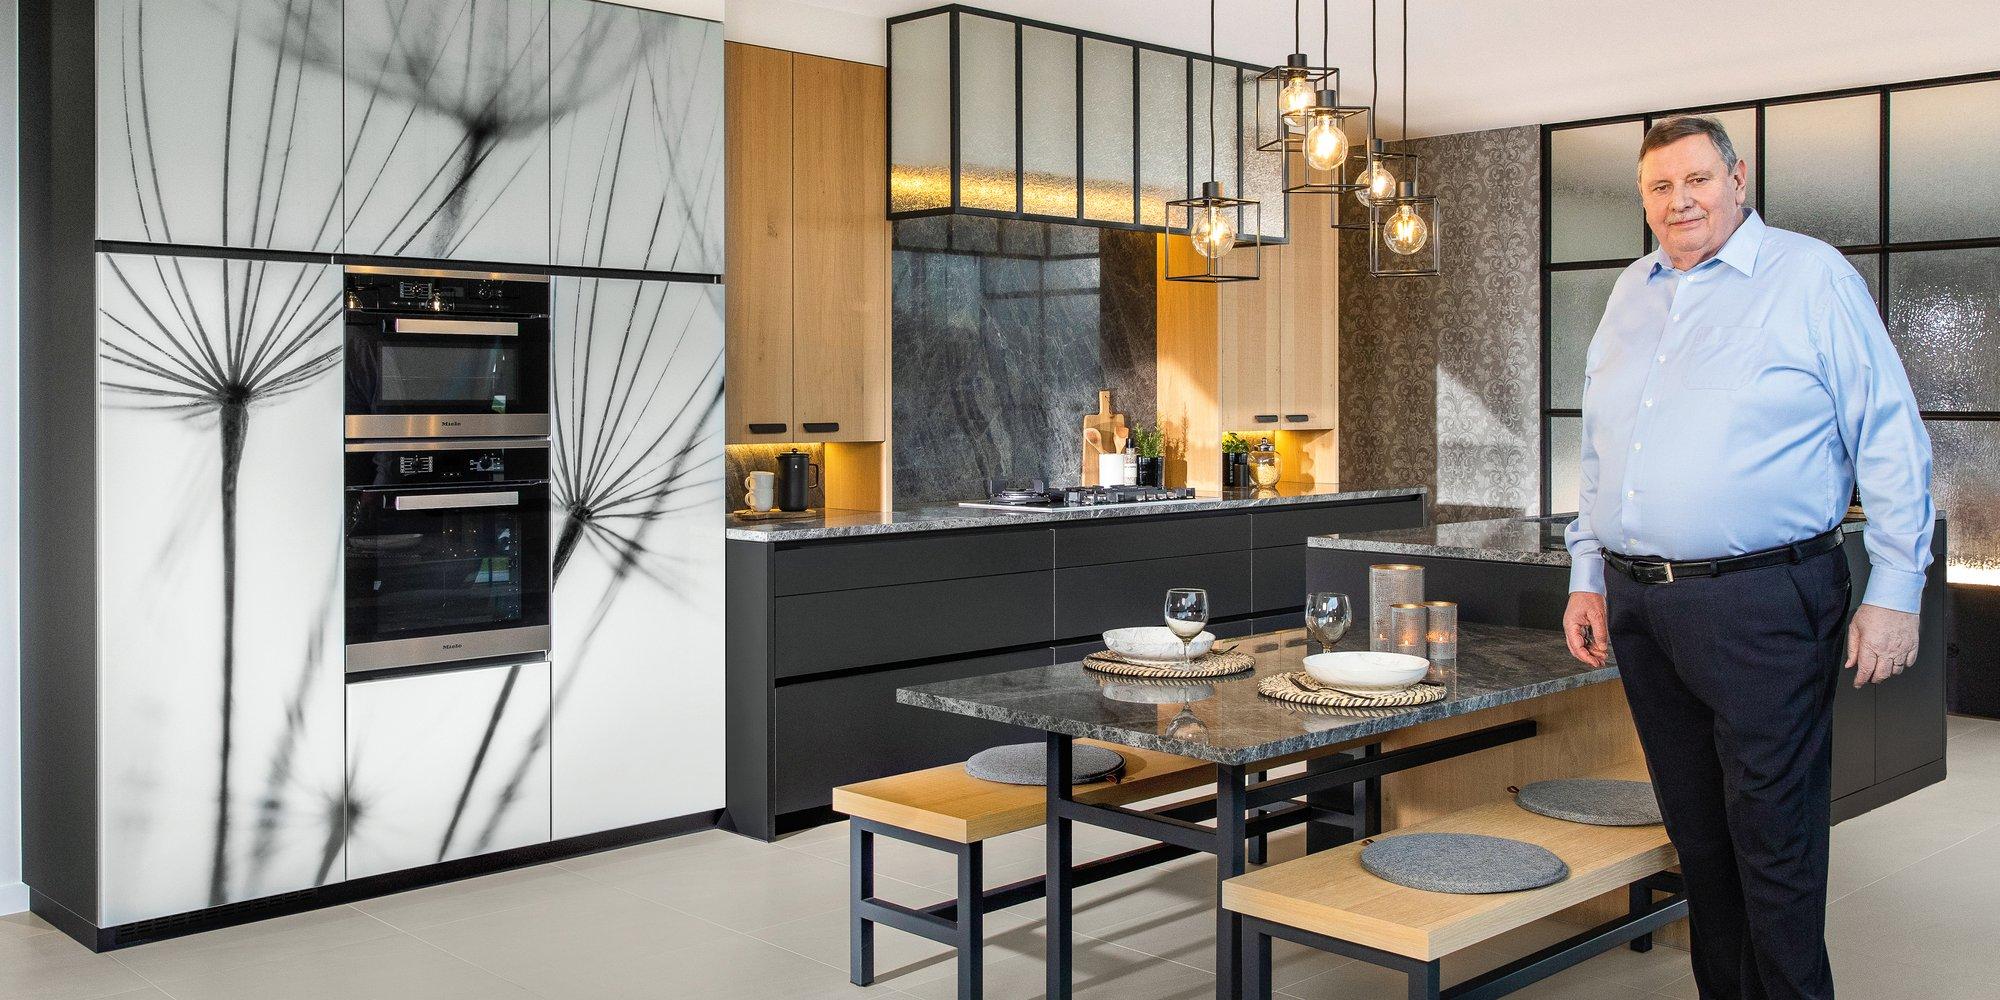 De Nieuwste Keukentrends Van 2021 Dovy Keukens